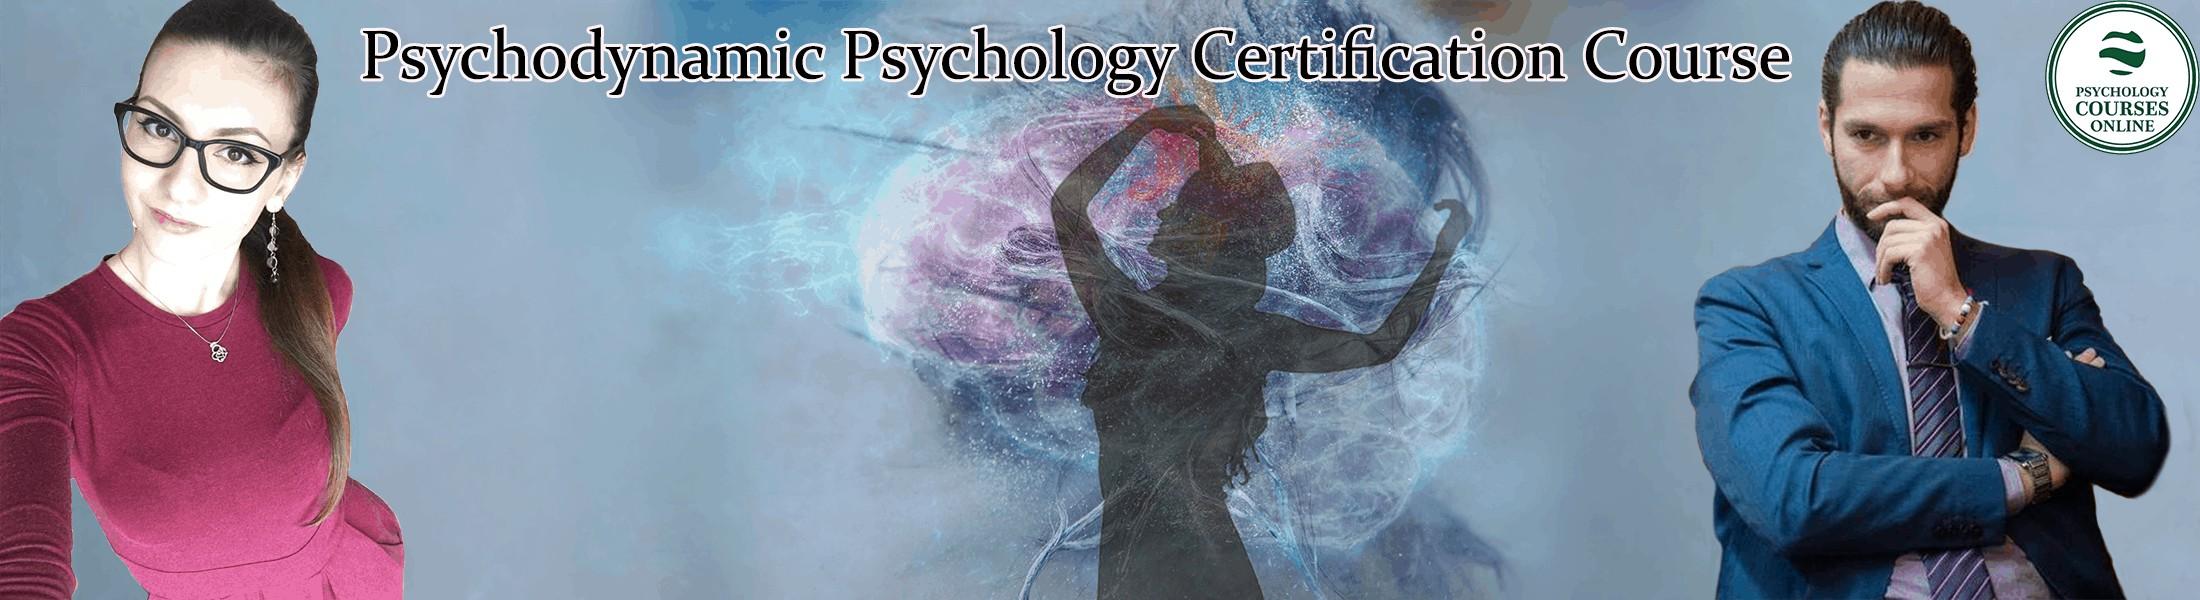 Psychodynamic Psychology – Certification Course